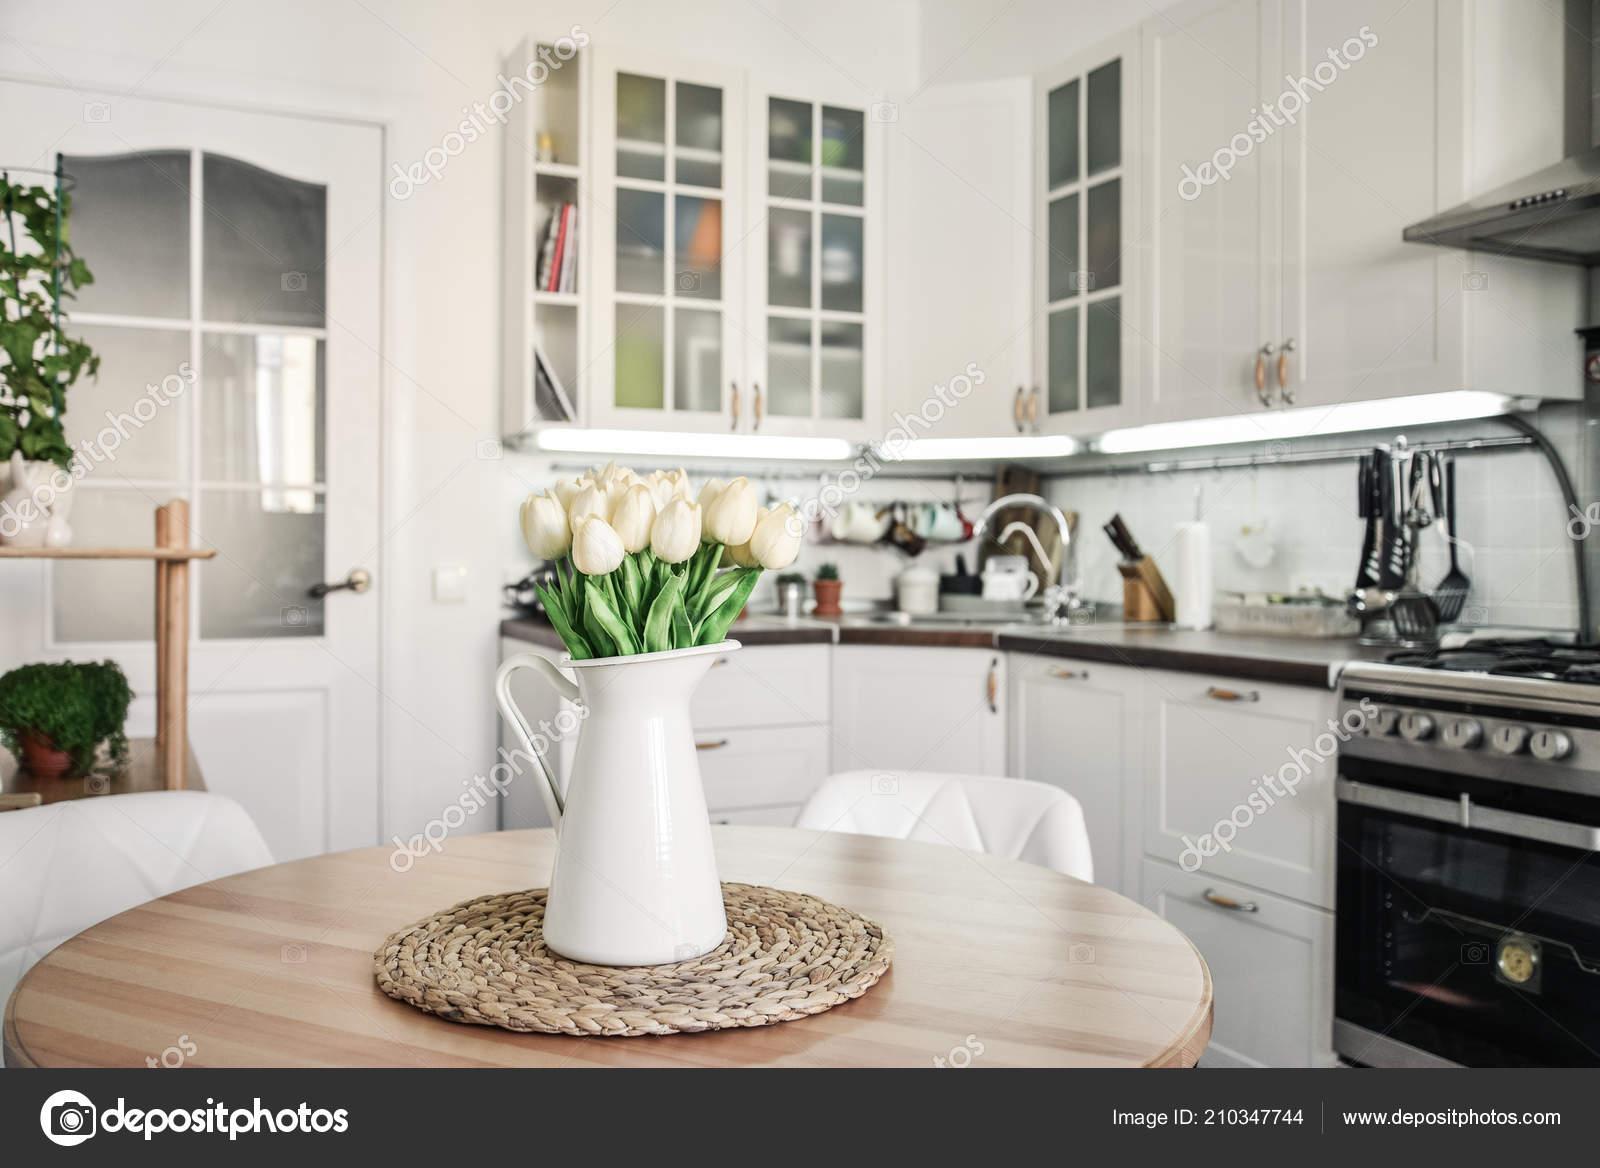 Bouquet Tulipes Intérieur Cuisine Dans Style Scandinave Avec ...